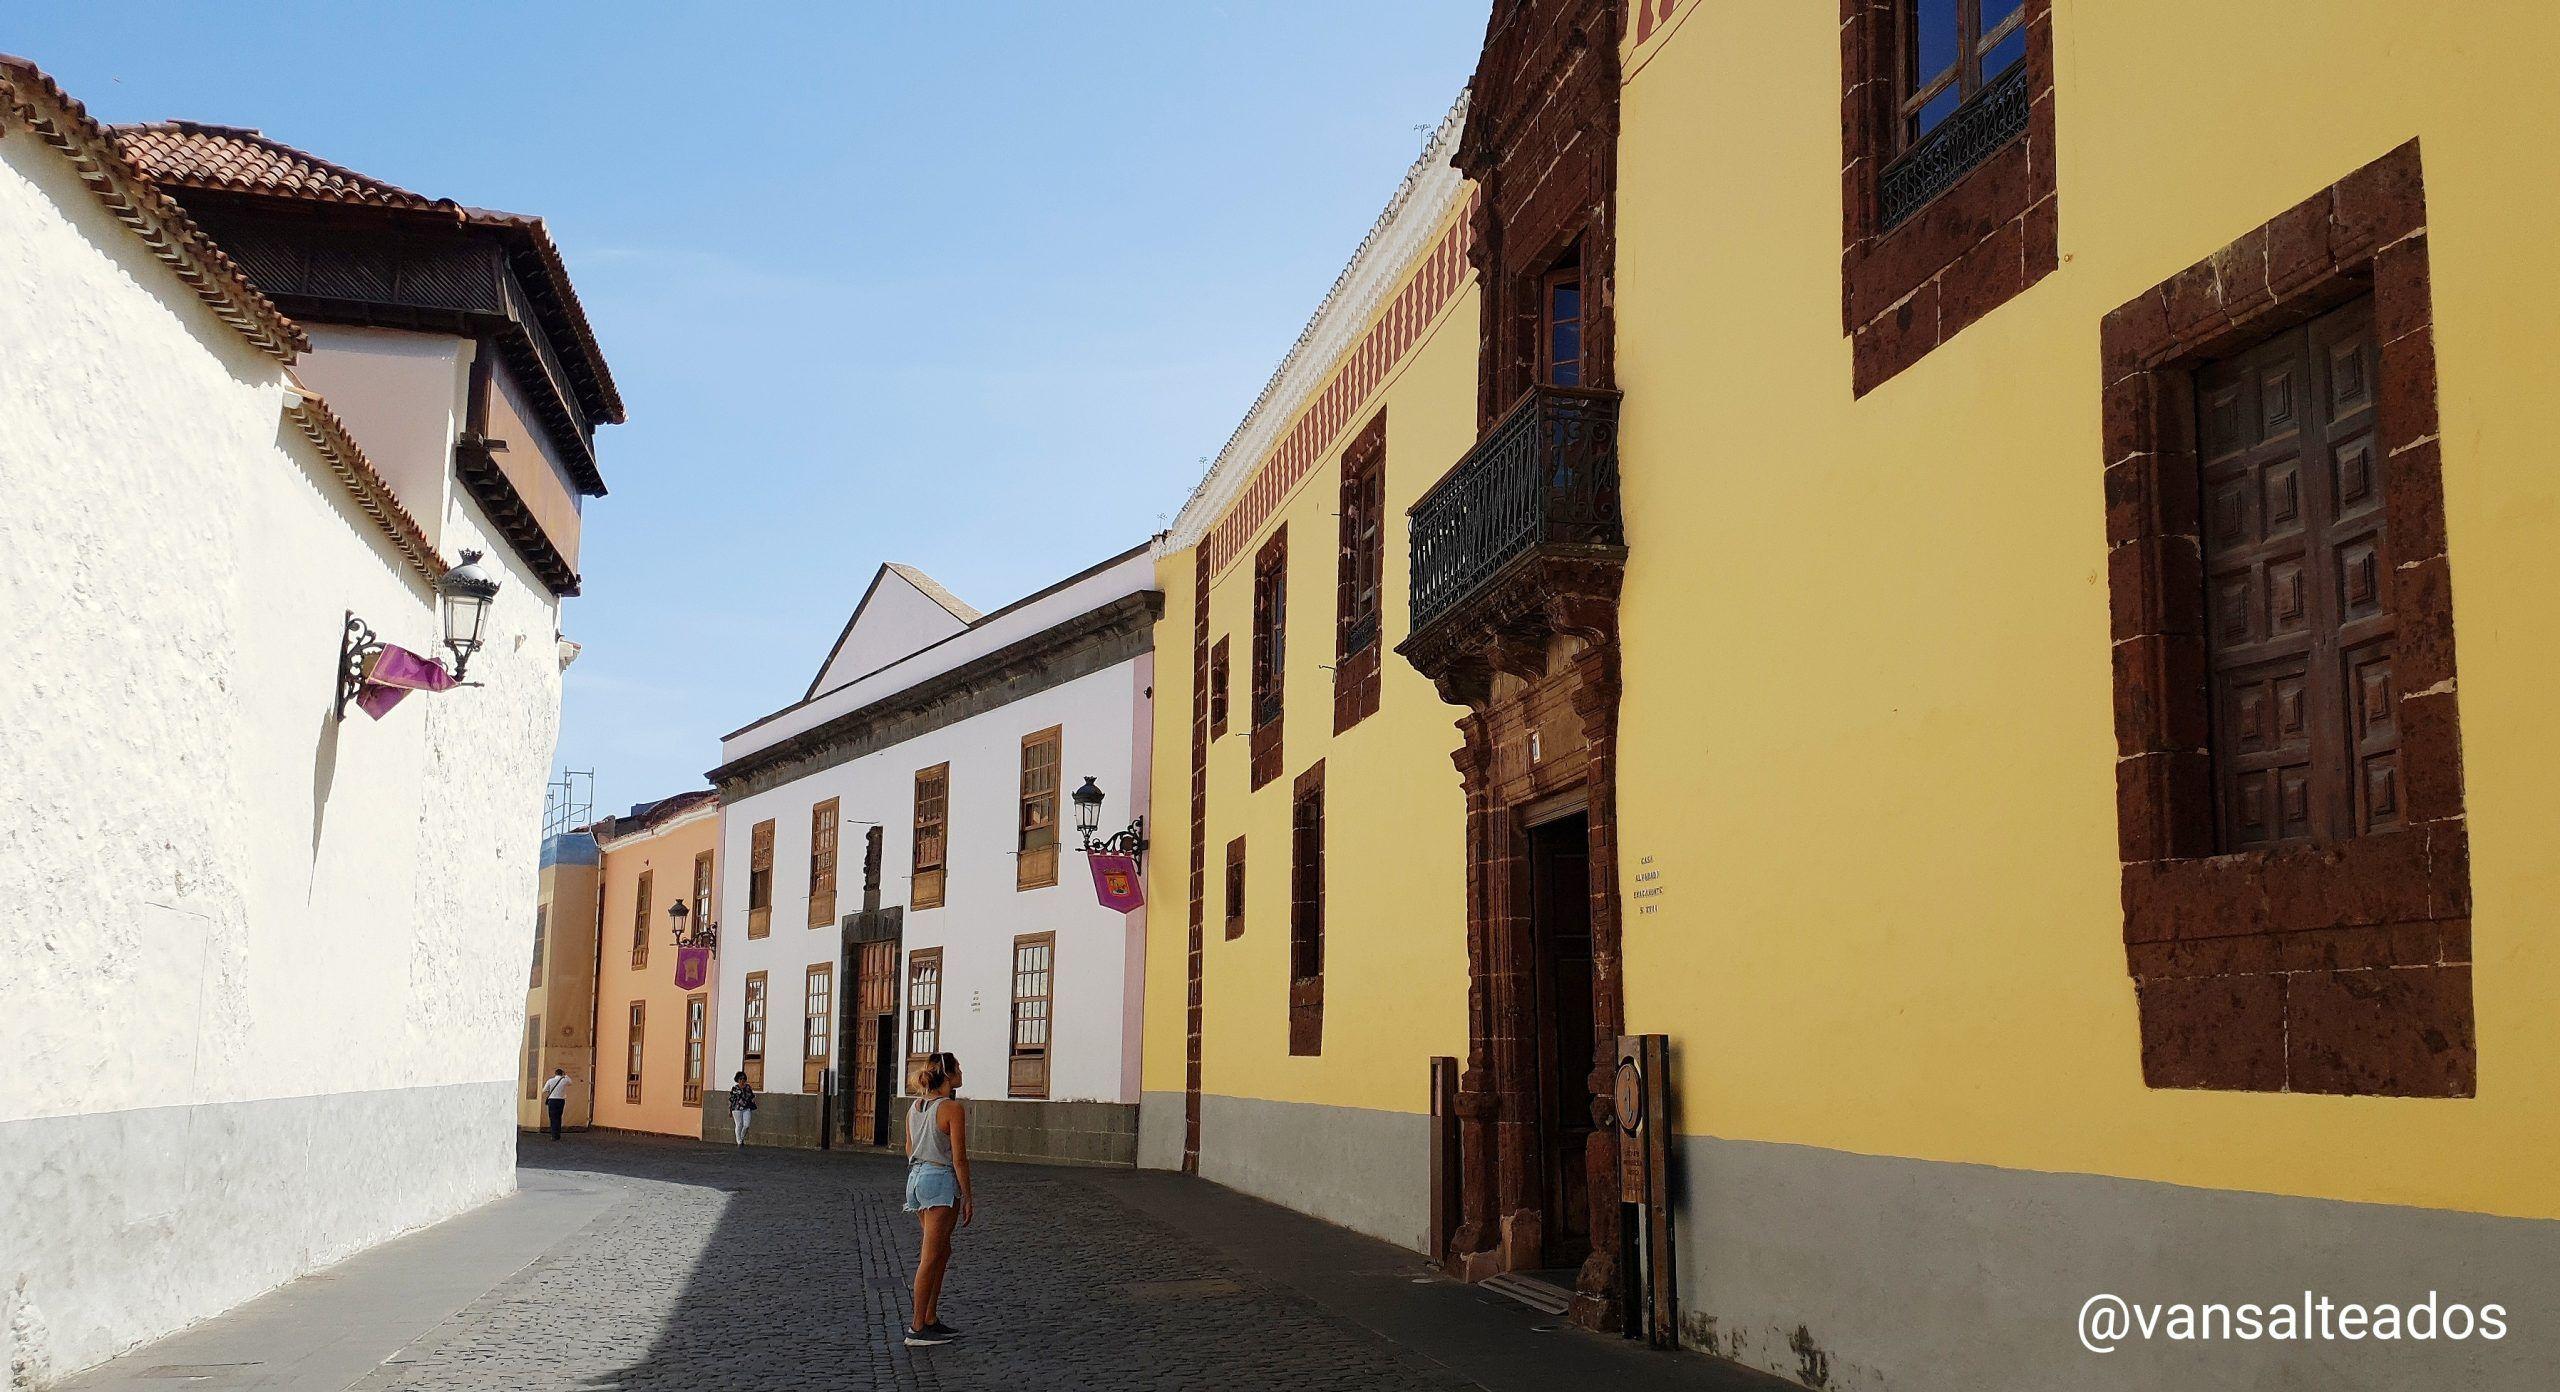 Calles empedradas y edificios de La Laguna